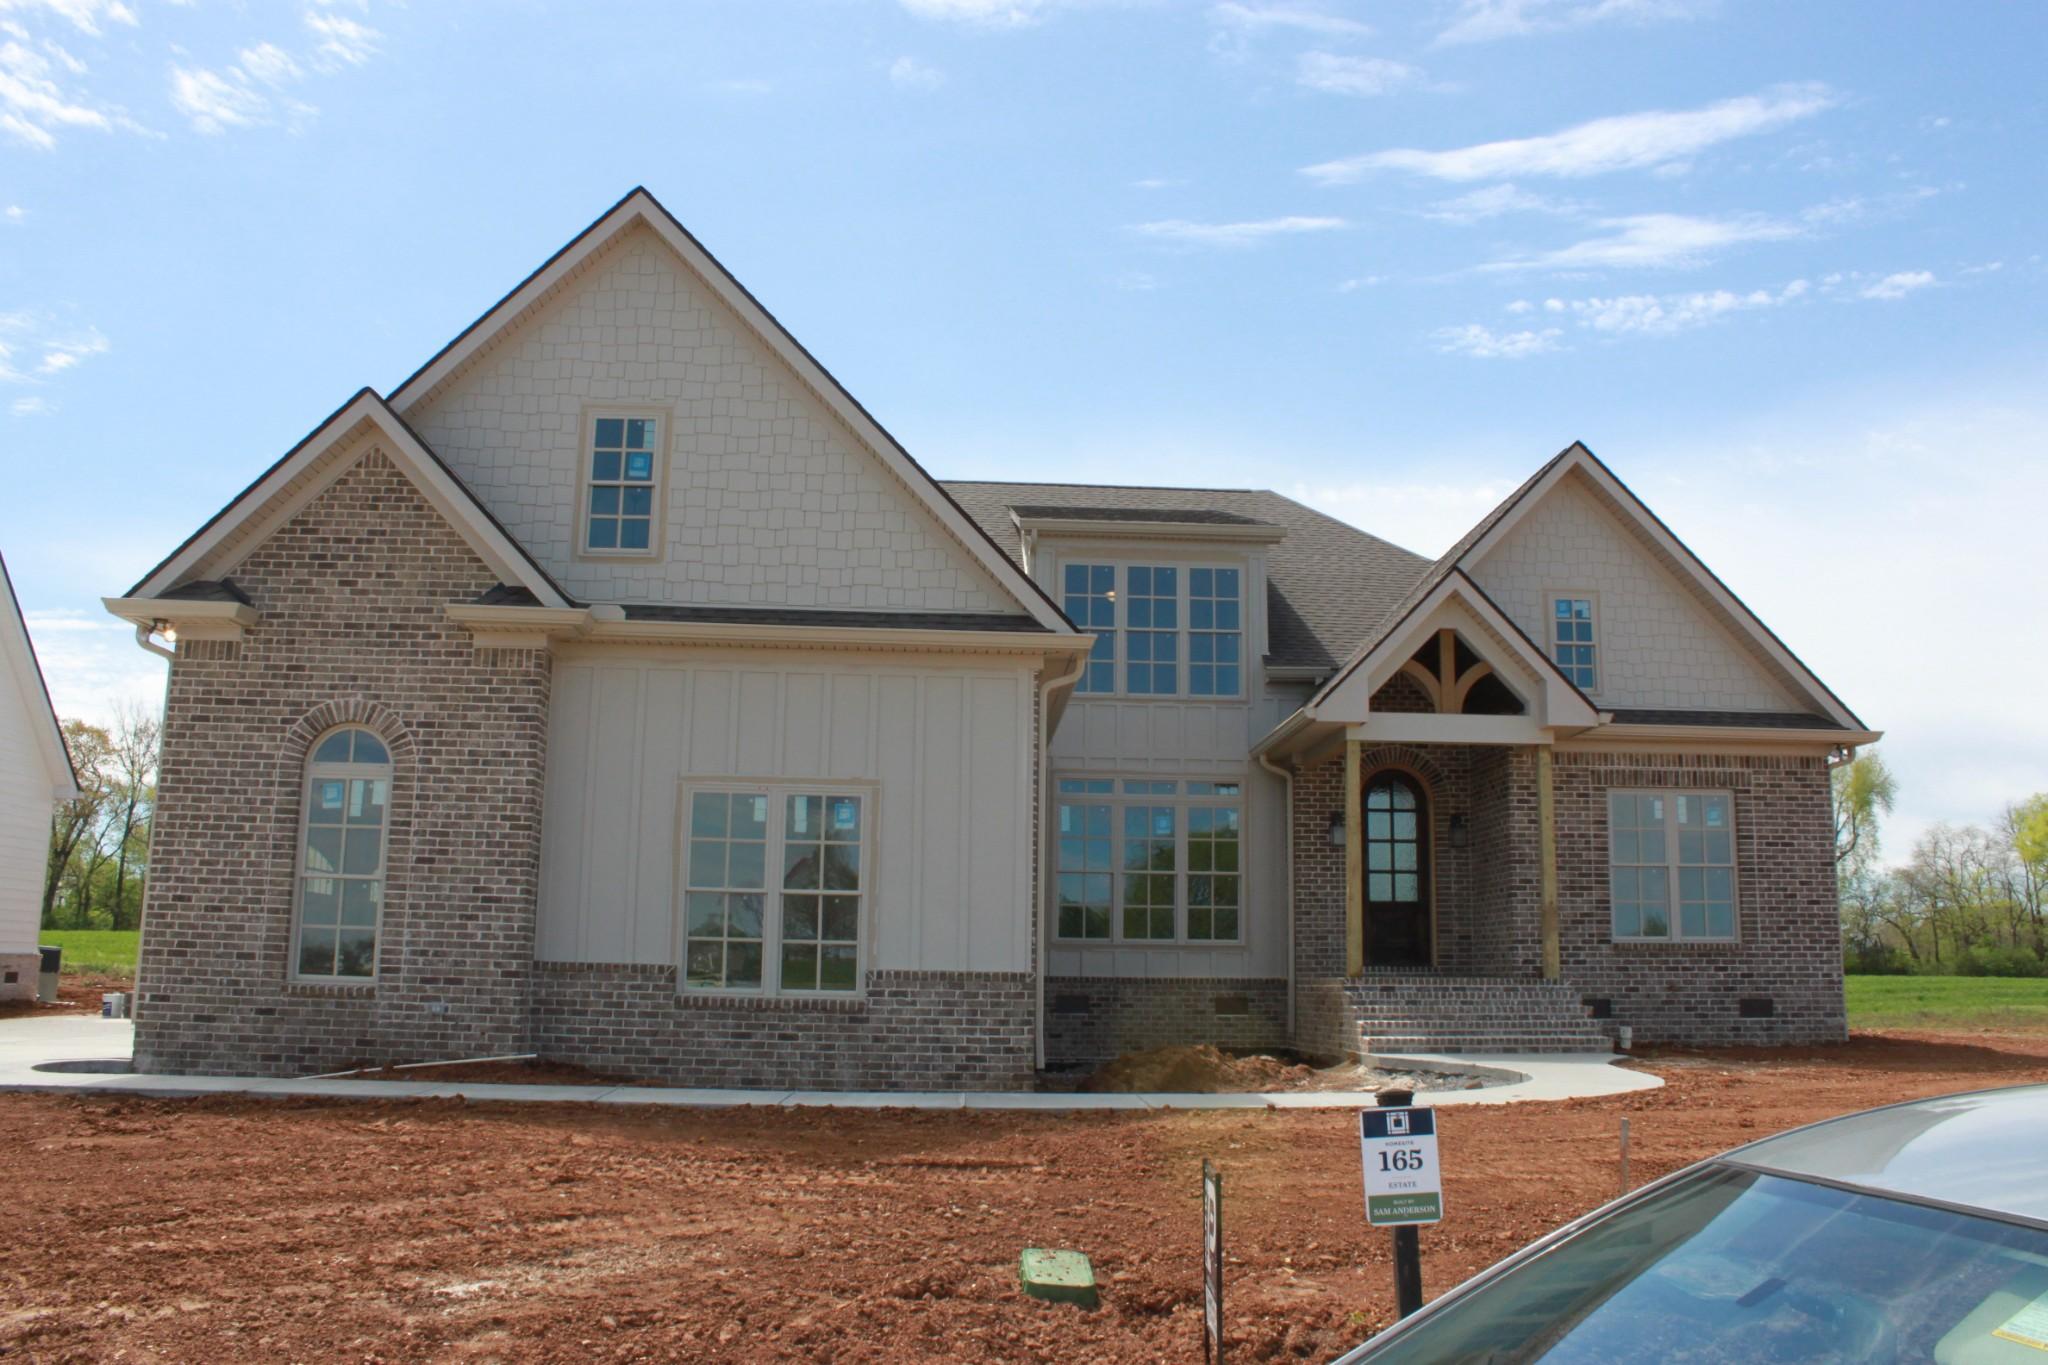 $689,900 - 4Br/5Ba -  for Sale in Shelton Square, Murfreesboro